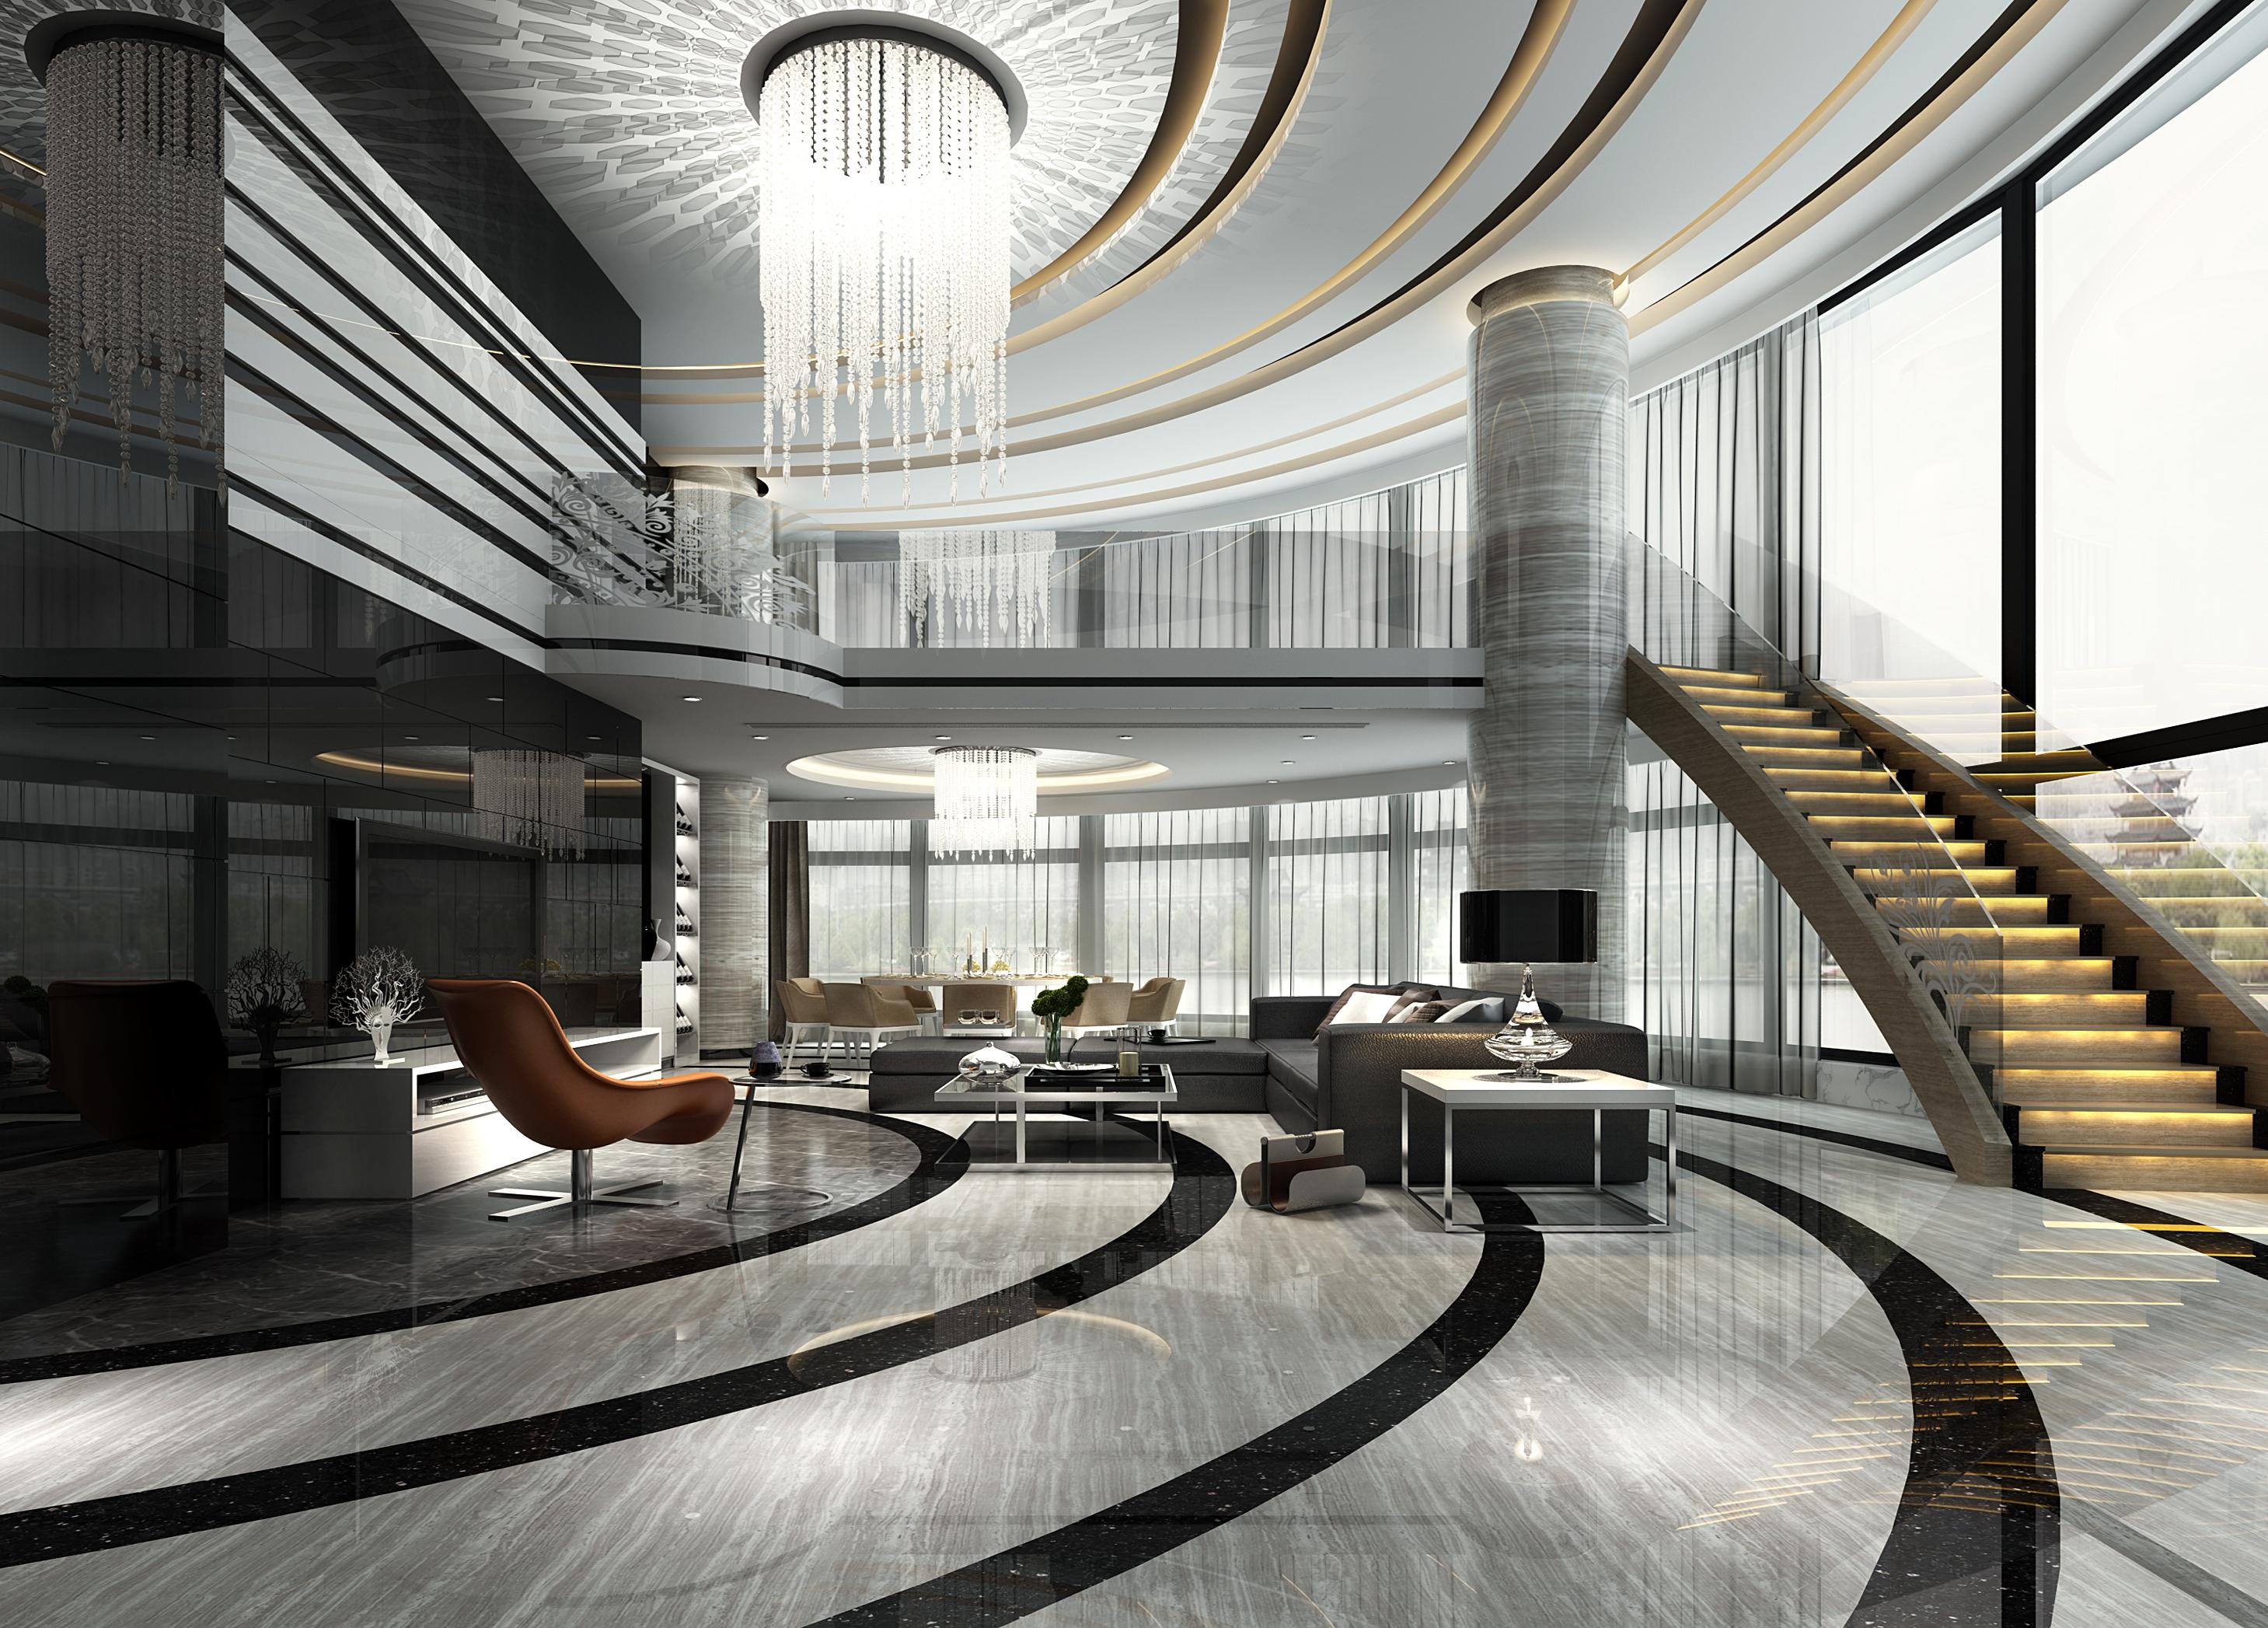 客厅 超现代 跃层 大客厅图片来自几墨空间设计在几墨设计 | 摩登未来的分享